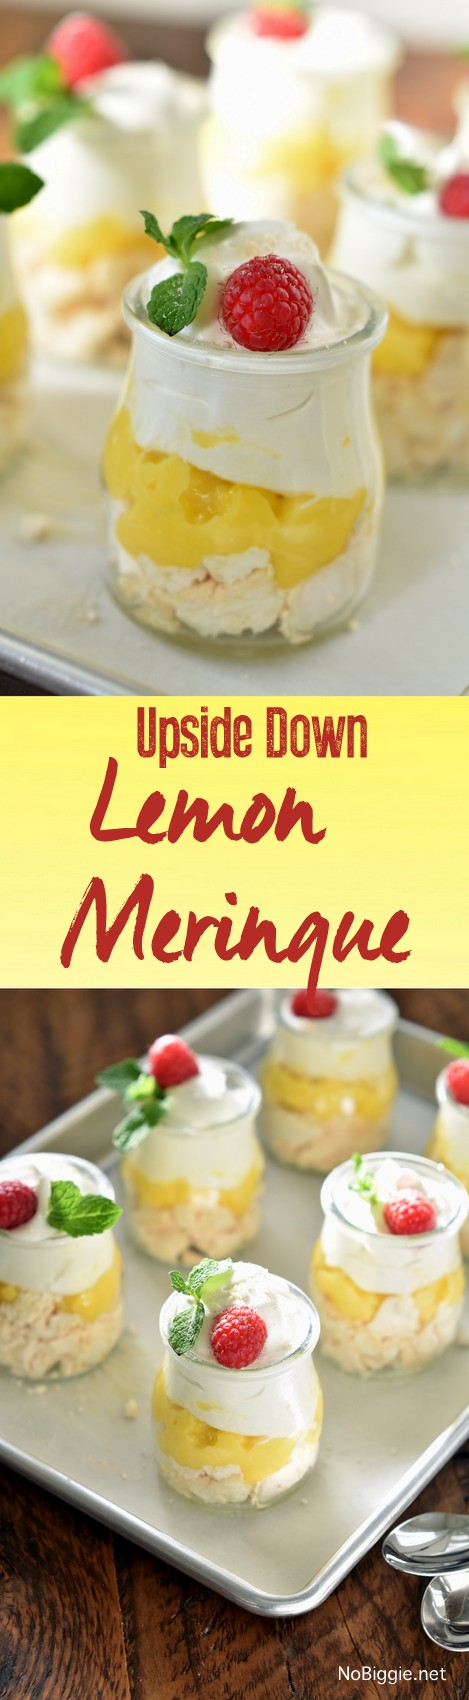 Upside Down Lemon Meringue Cups | NoBiggie.net